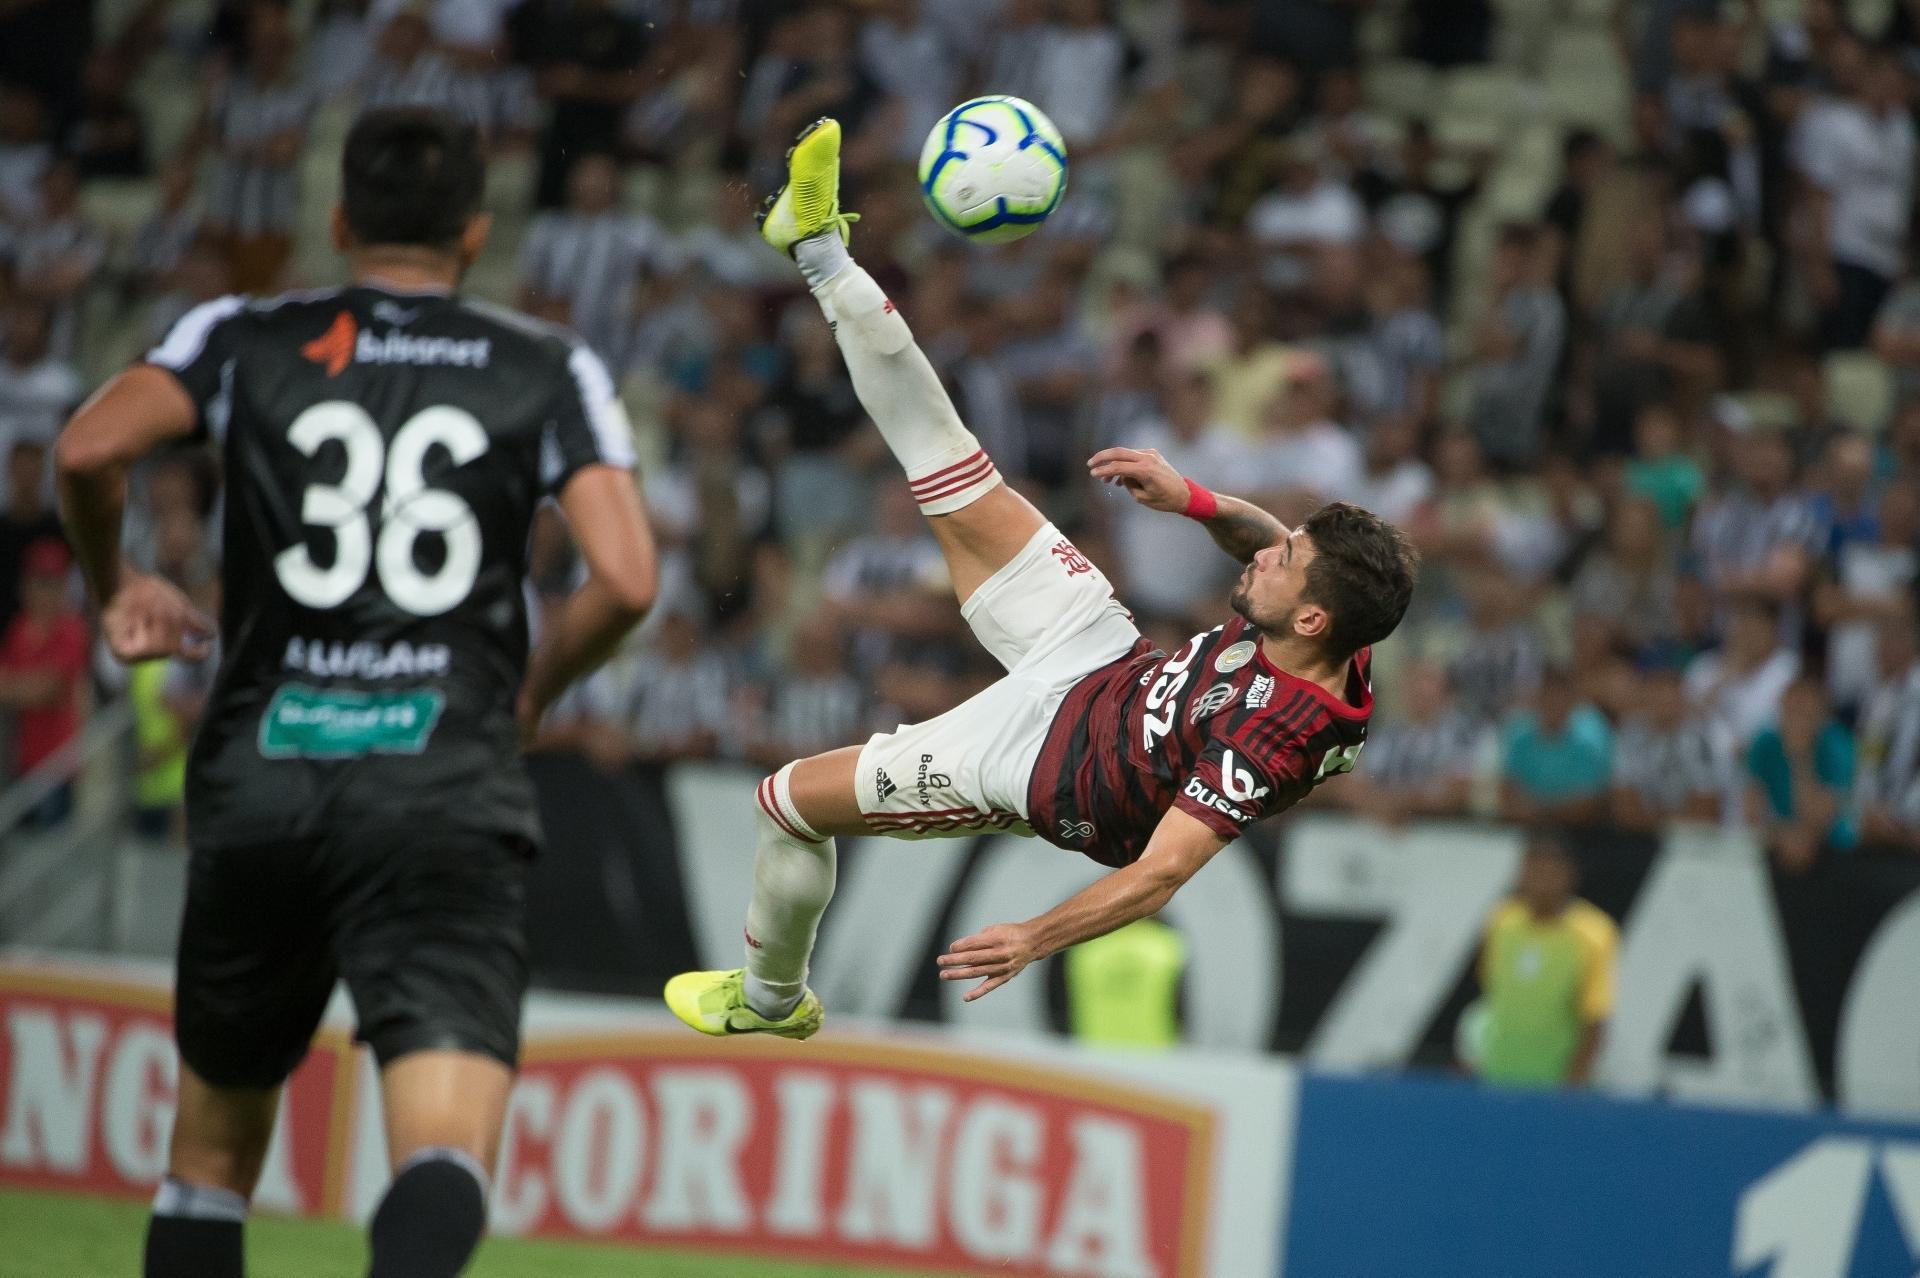 Com gol de bicicleta de Arrascaeta, Mengo venceu o Ceará e virou líder ano passado; veja onde assistir Flamengo x Bragantino